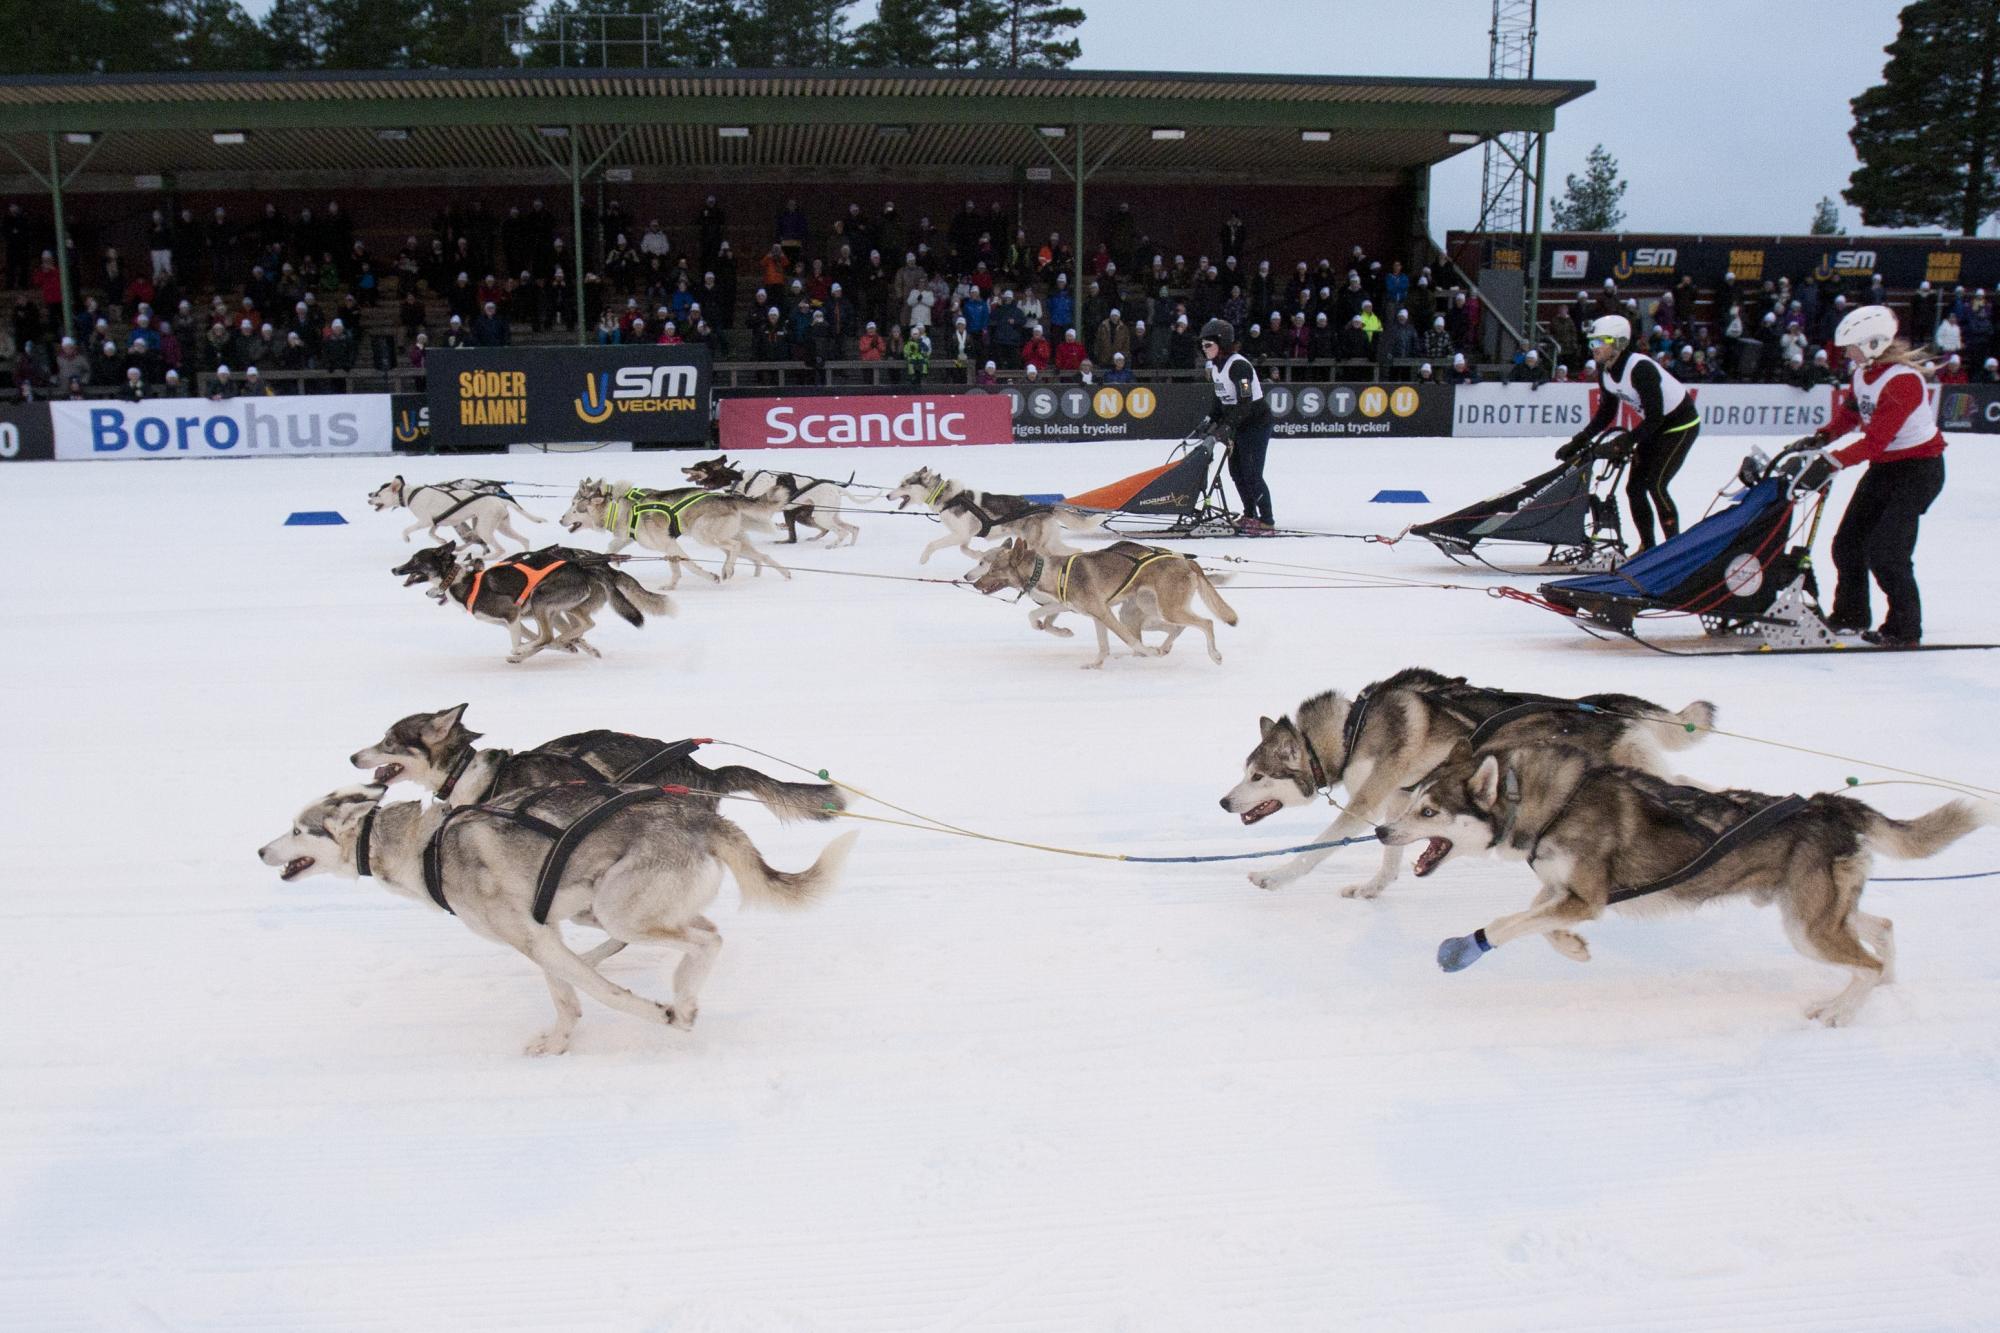 <span>Förra årets masstart, fyrspann, för slädhundar. Malin Granqvist vann då klassen för C-hundar.</span>Klicka på bilden för att läsa artikeln.